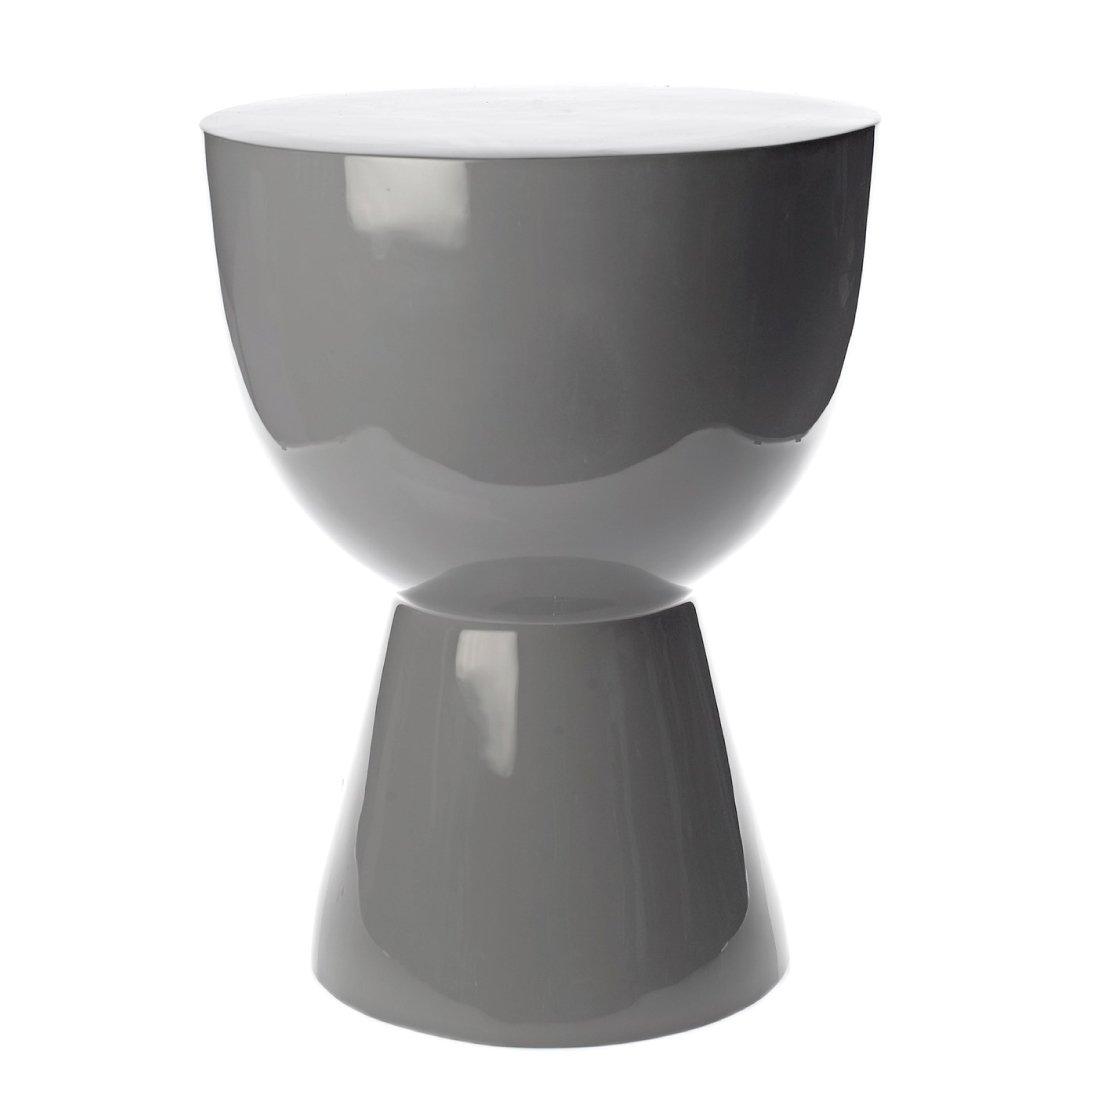 De tam tam van pols potten is een uniek vormgegeven krukje. de tam tam is met de hand gemaakt van dimb hout. ...